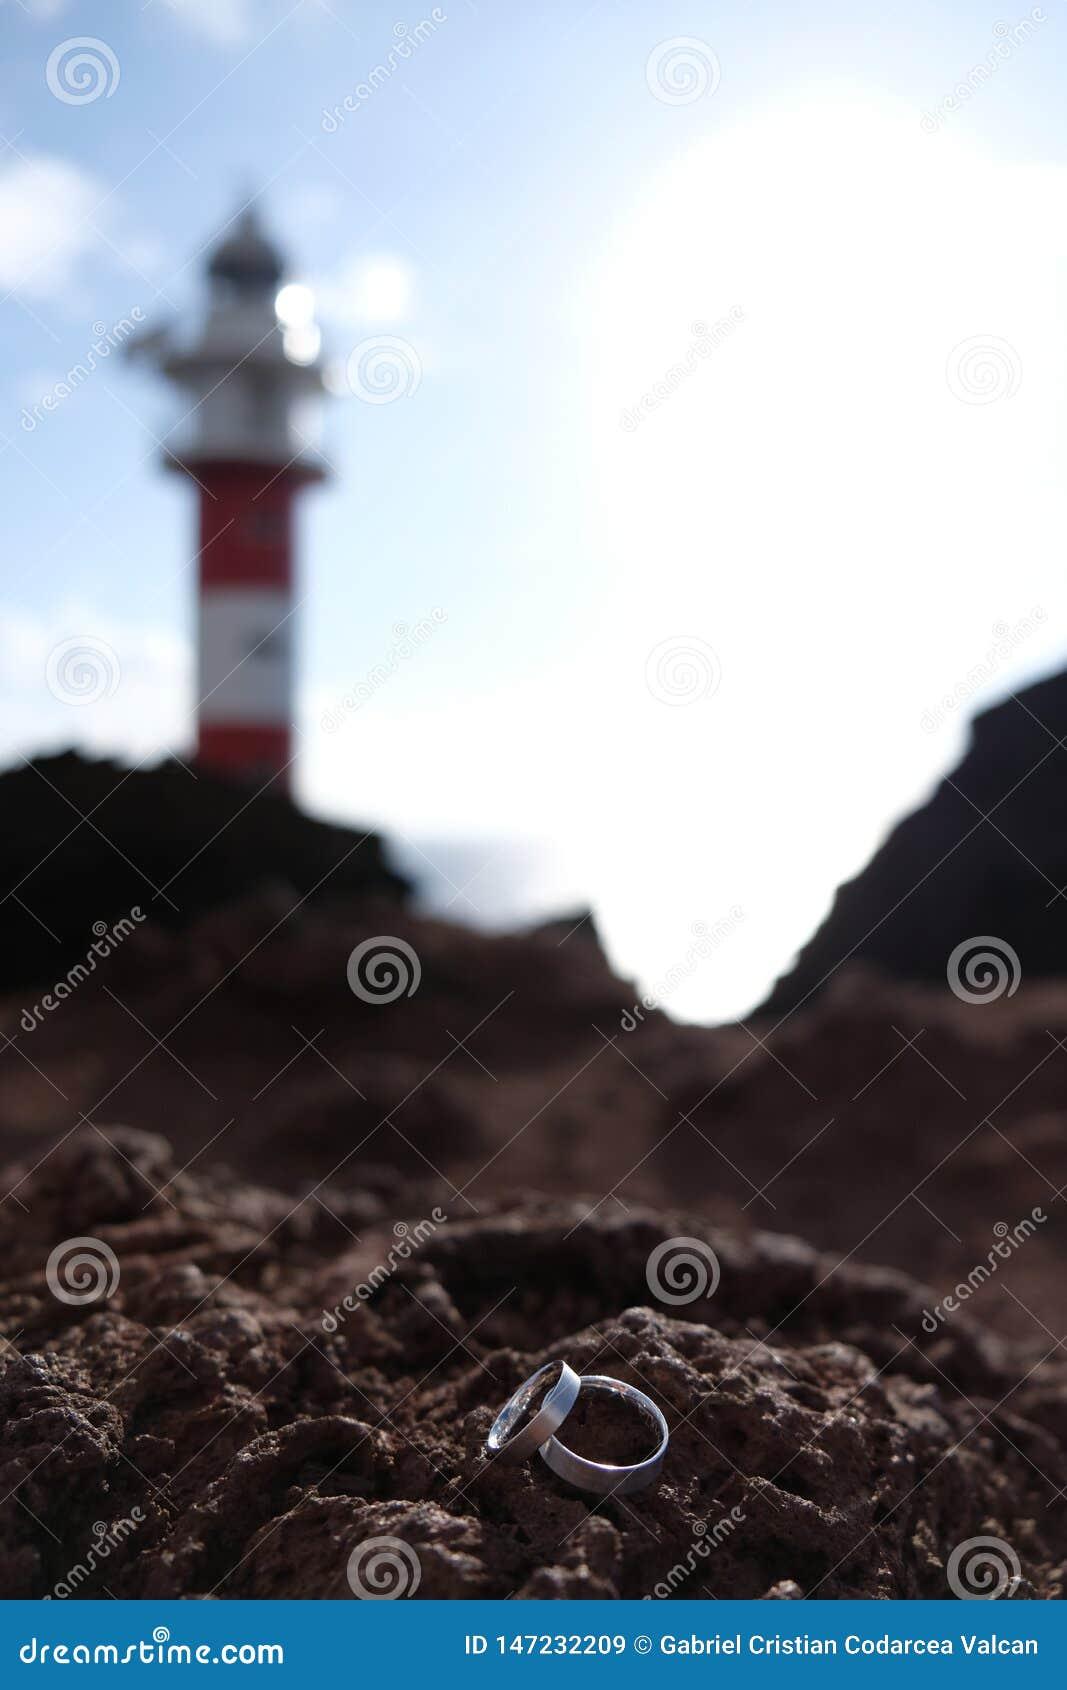 Εστίαση στα γαμήλια δαχτυλίδια στον ηφαιστειακό βράχο με το θολωμένο κόκκινο και άσπρο φάρο στο υπόβαθρο